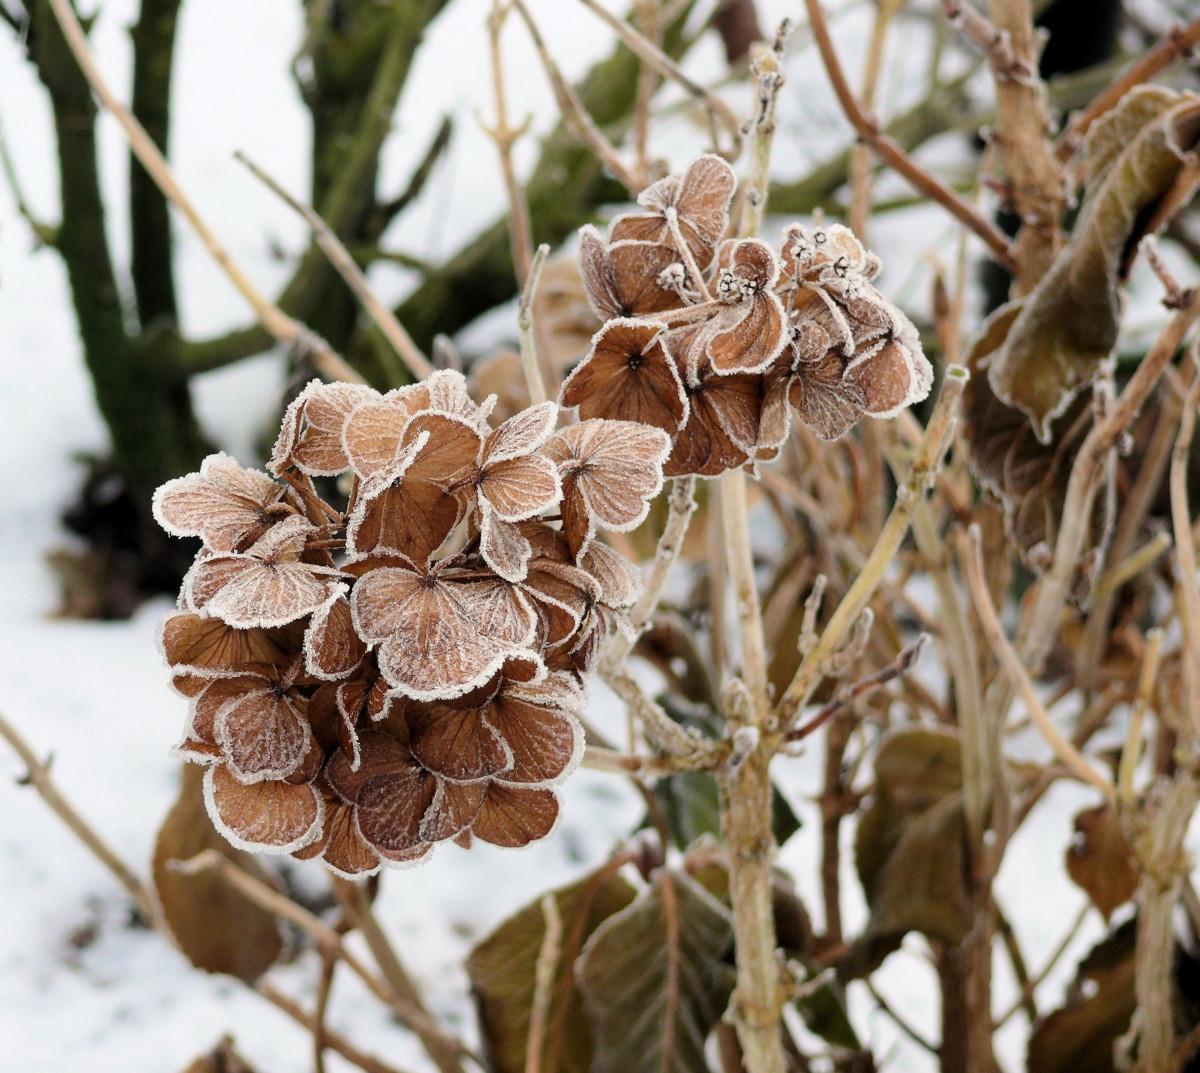 images gratuites arbre branche hiver plante feuille fleur gel la glace printemps l. Black Bedroom Furniture Sets. Home Design Ideas